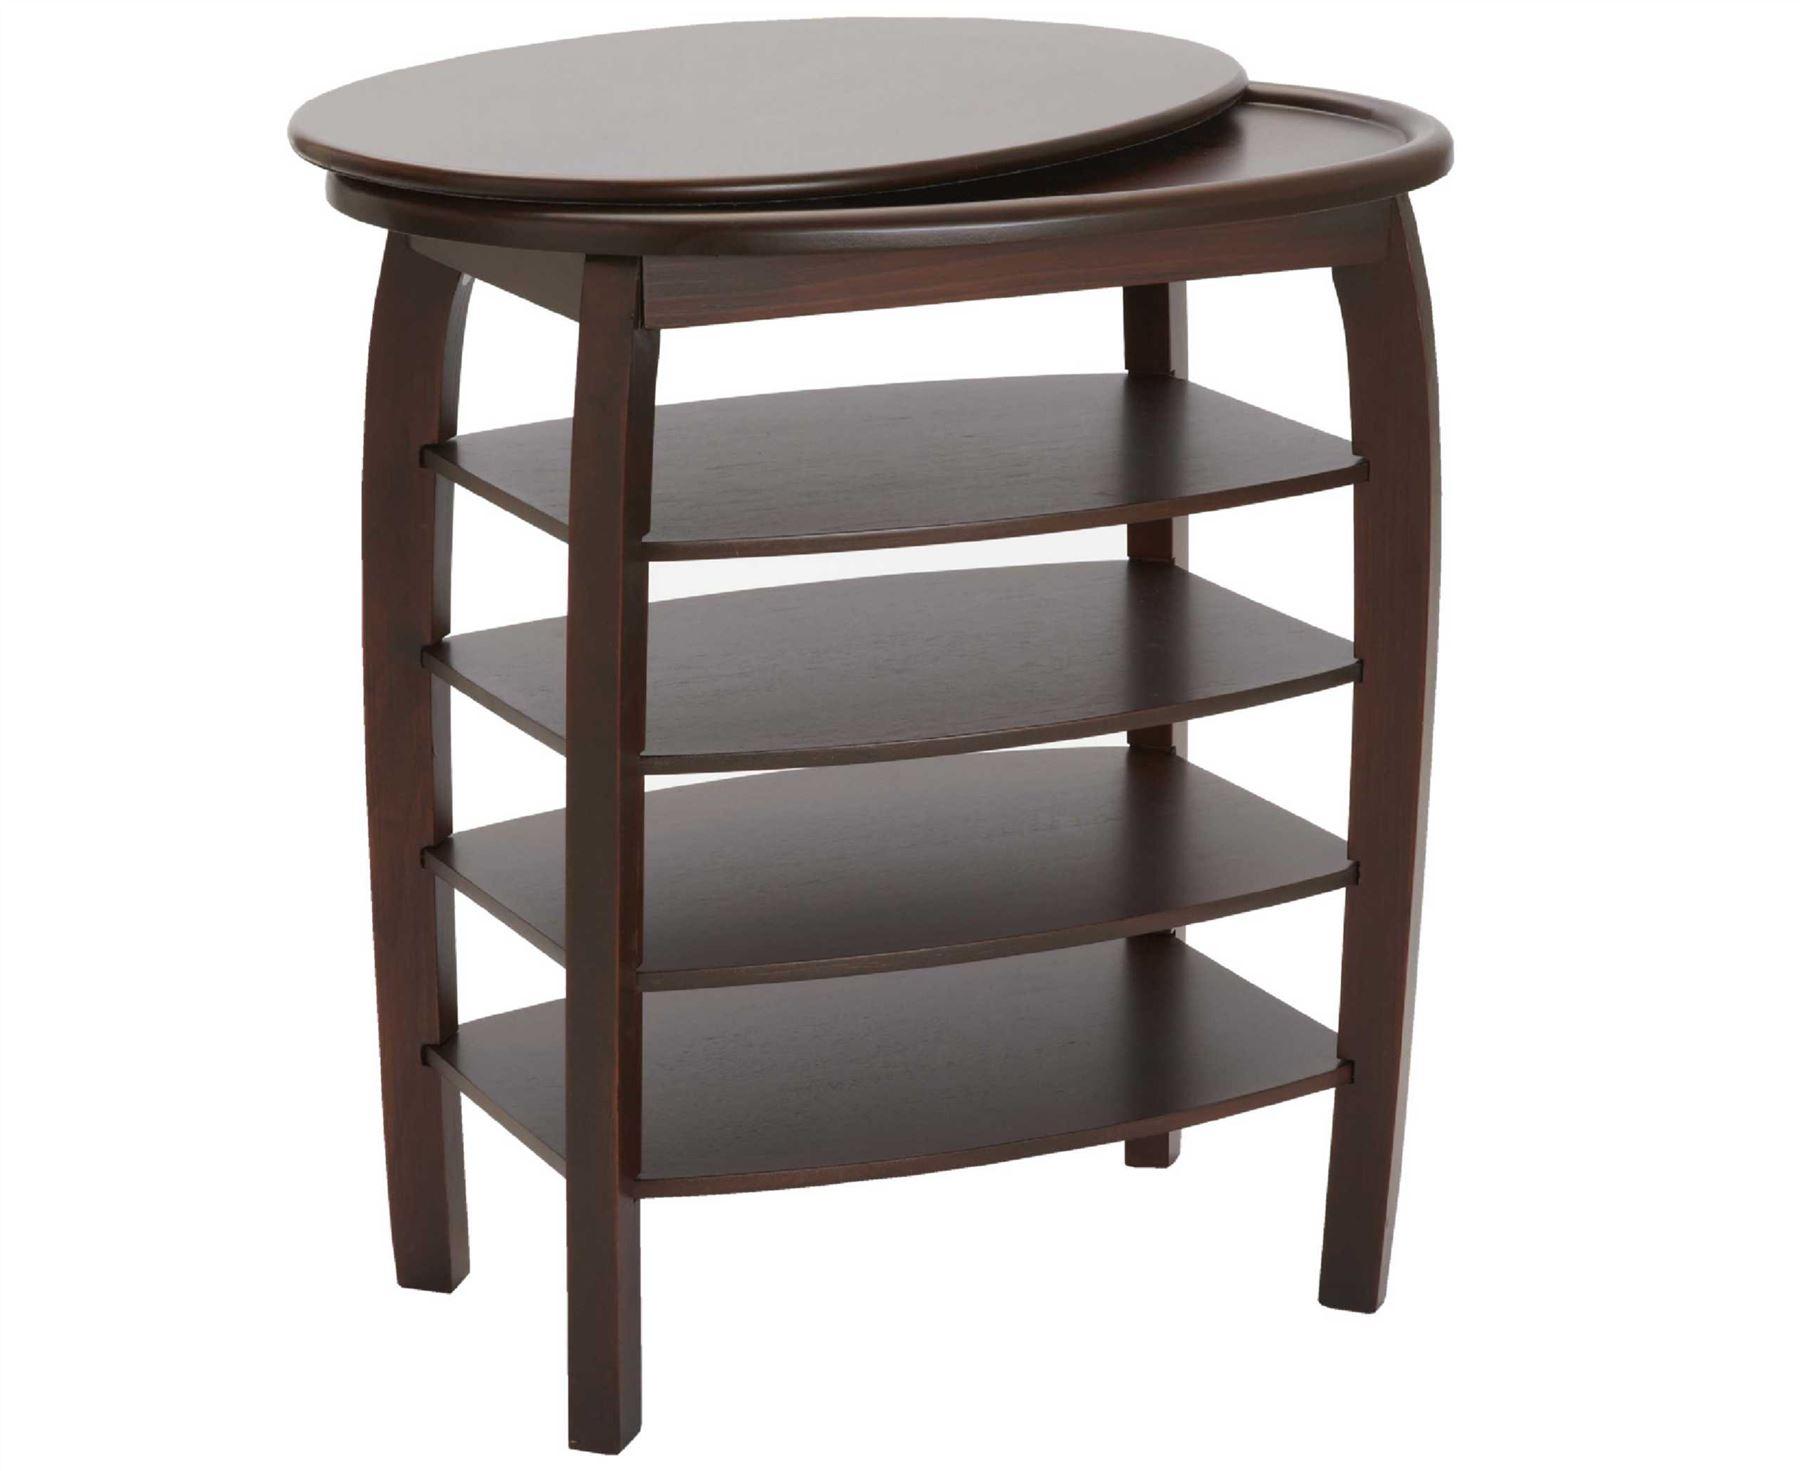 Swing table living room furniture shelves storage 63 5 x for S shelves living room furniture